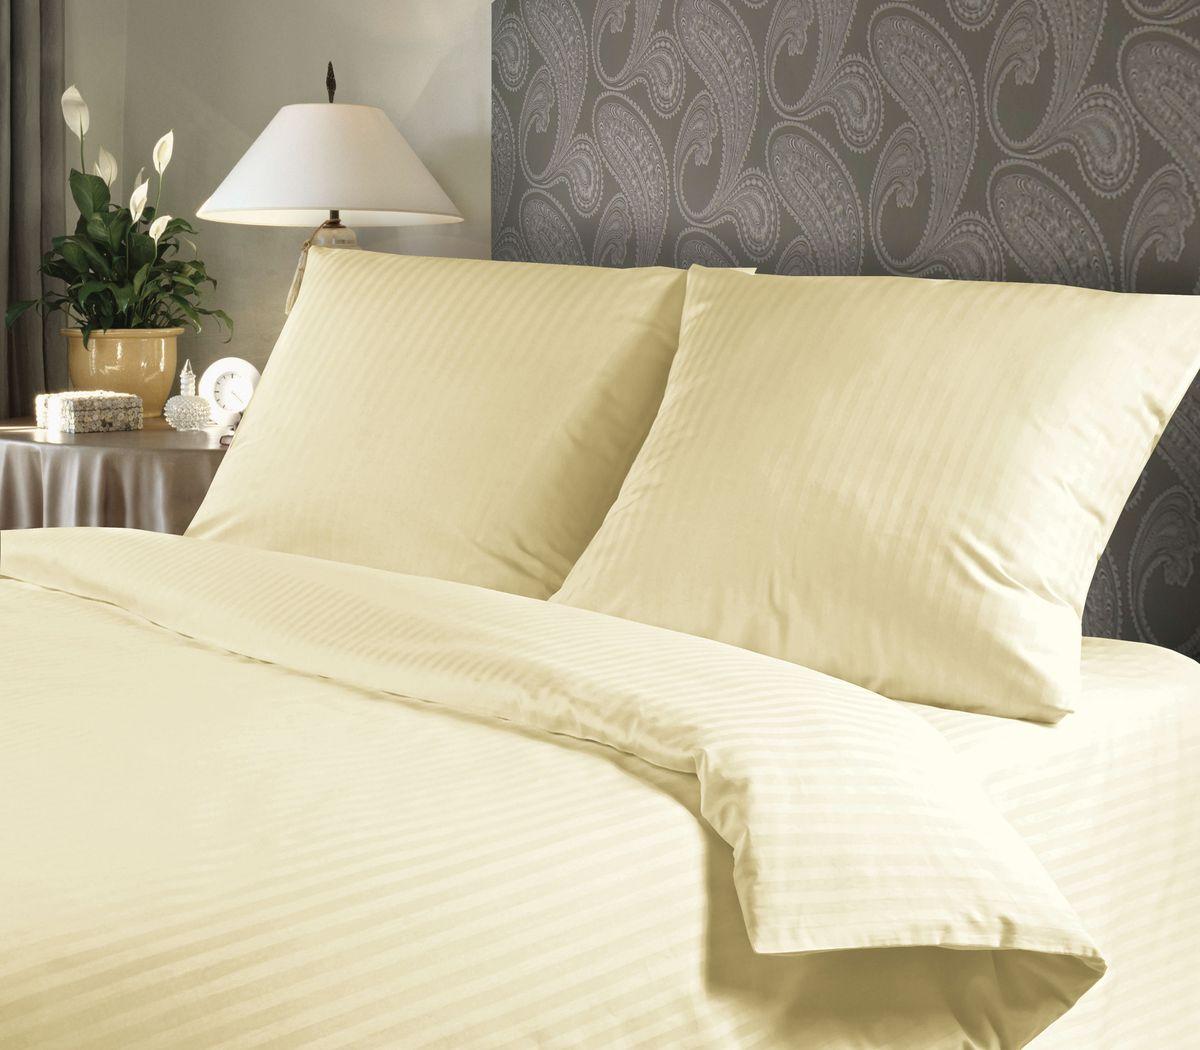 Комплект белья Verossa Amber, 1,5-спальный, наволочки 70х70711209